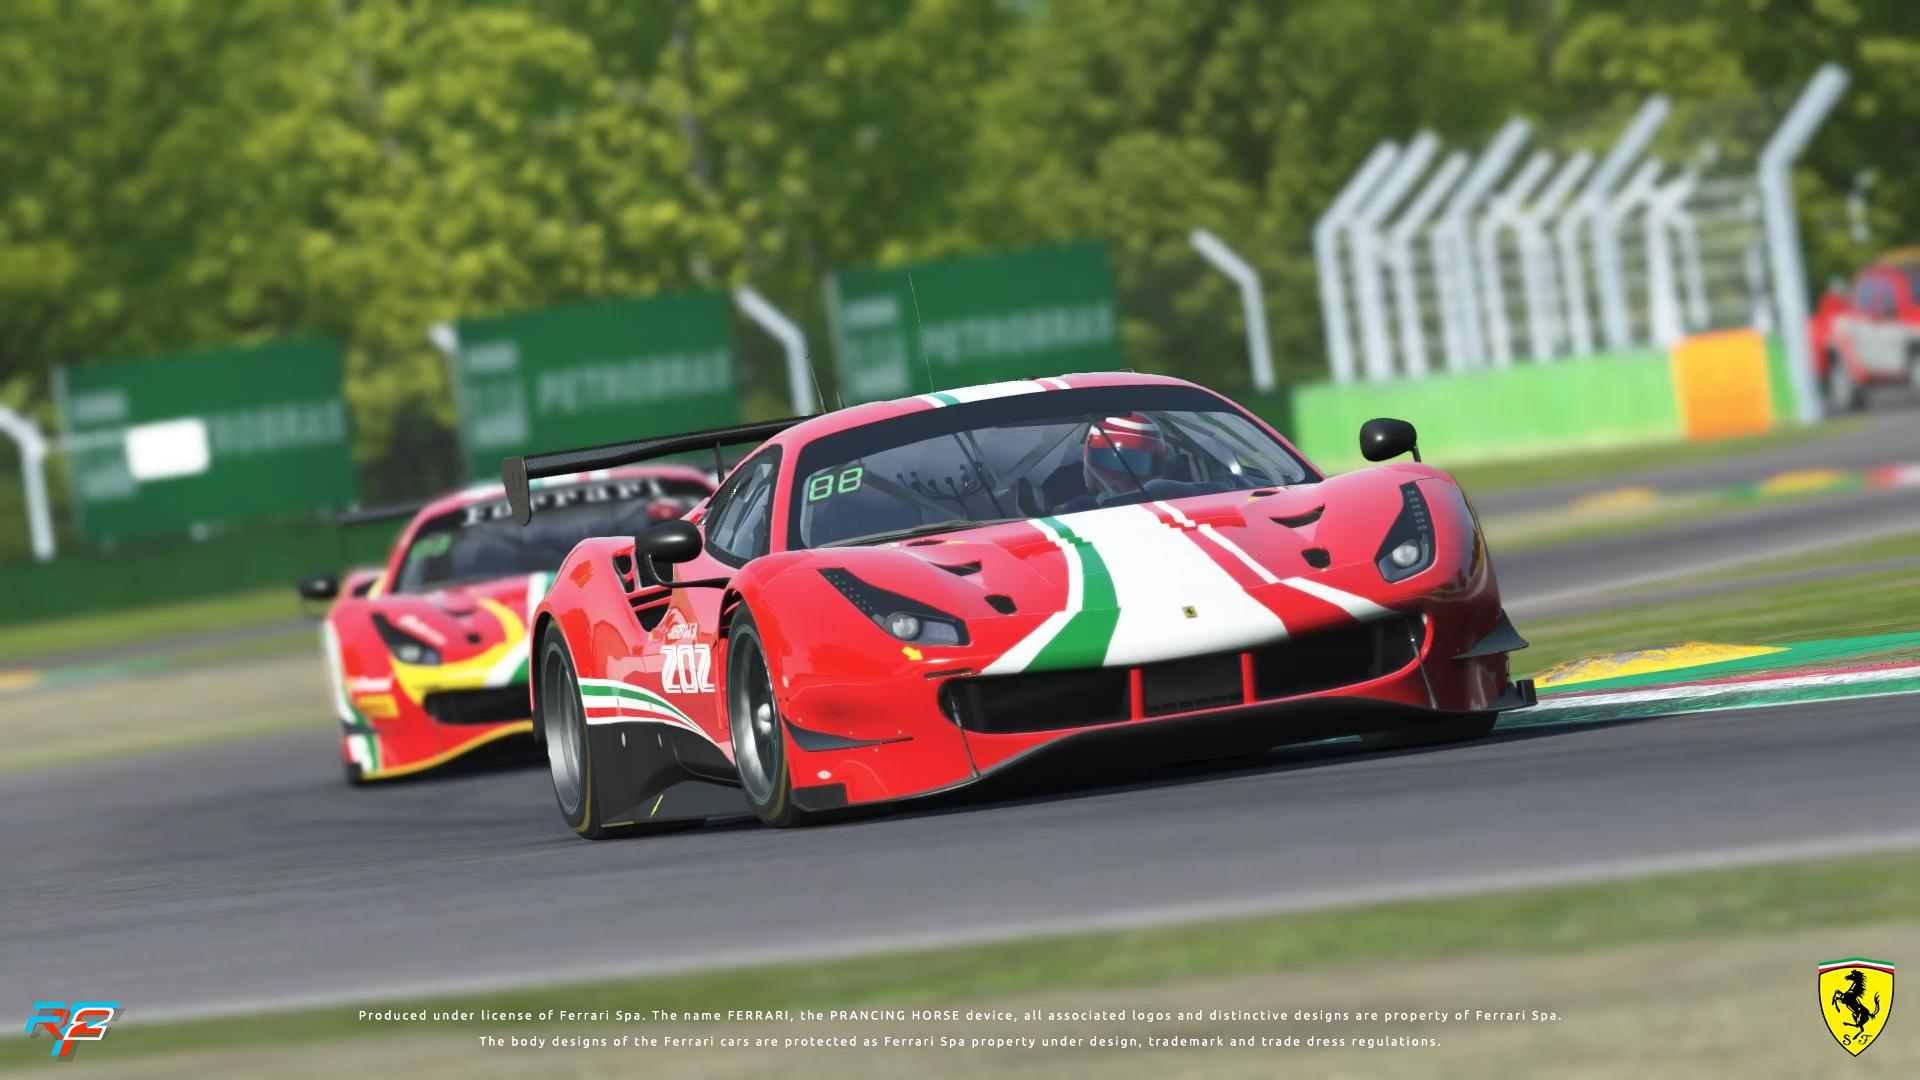 rFactor_2_Ferrari_488_GT3_EVO_2020_04.jpg